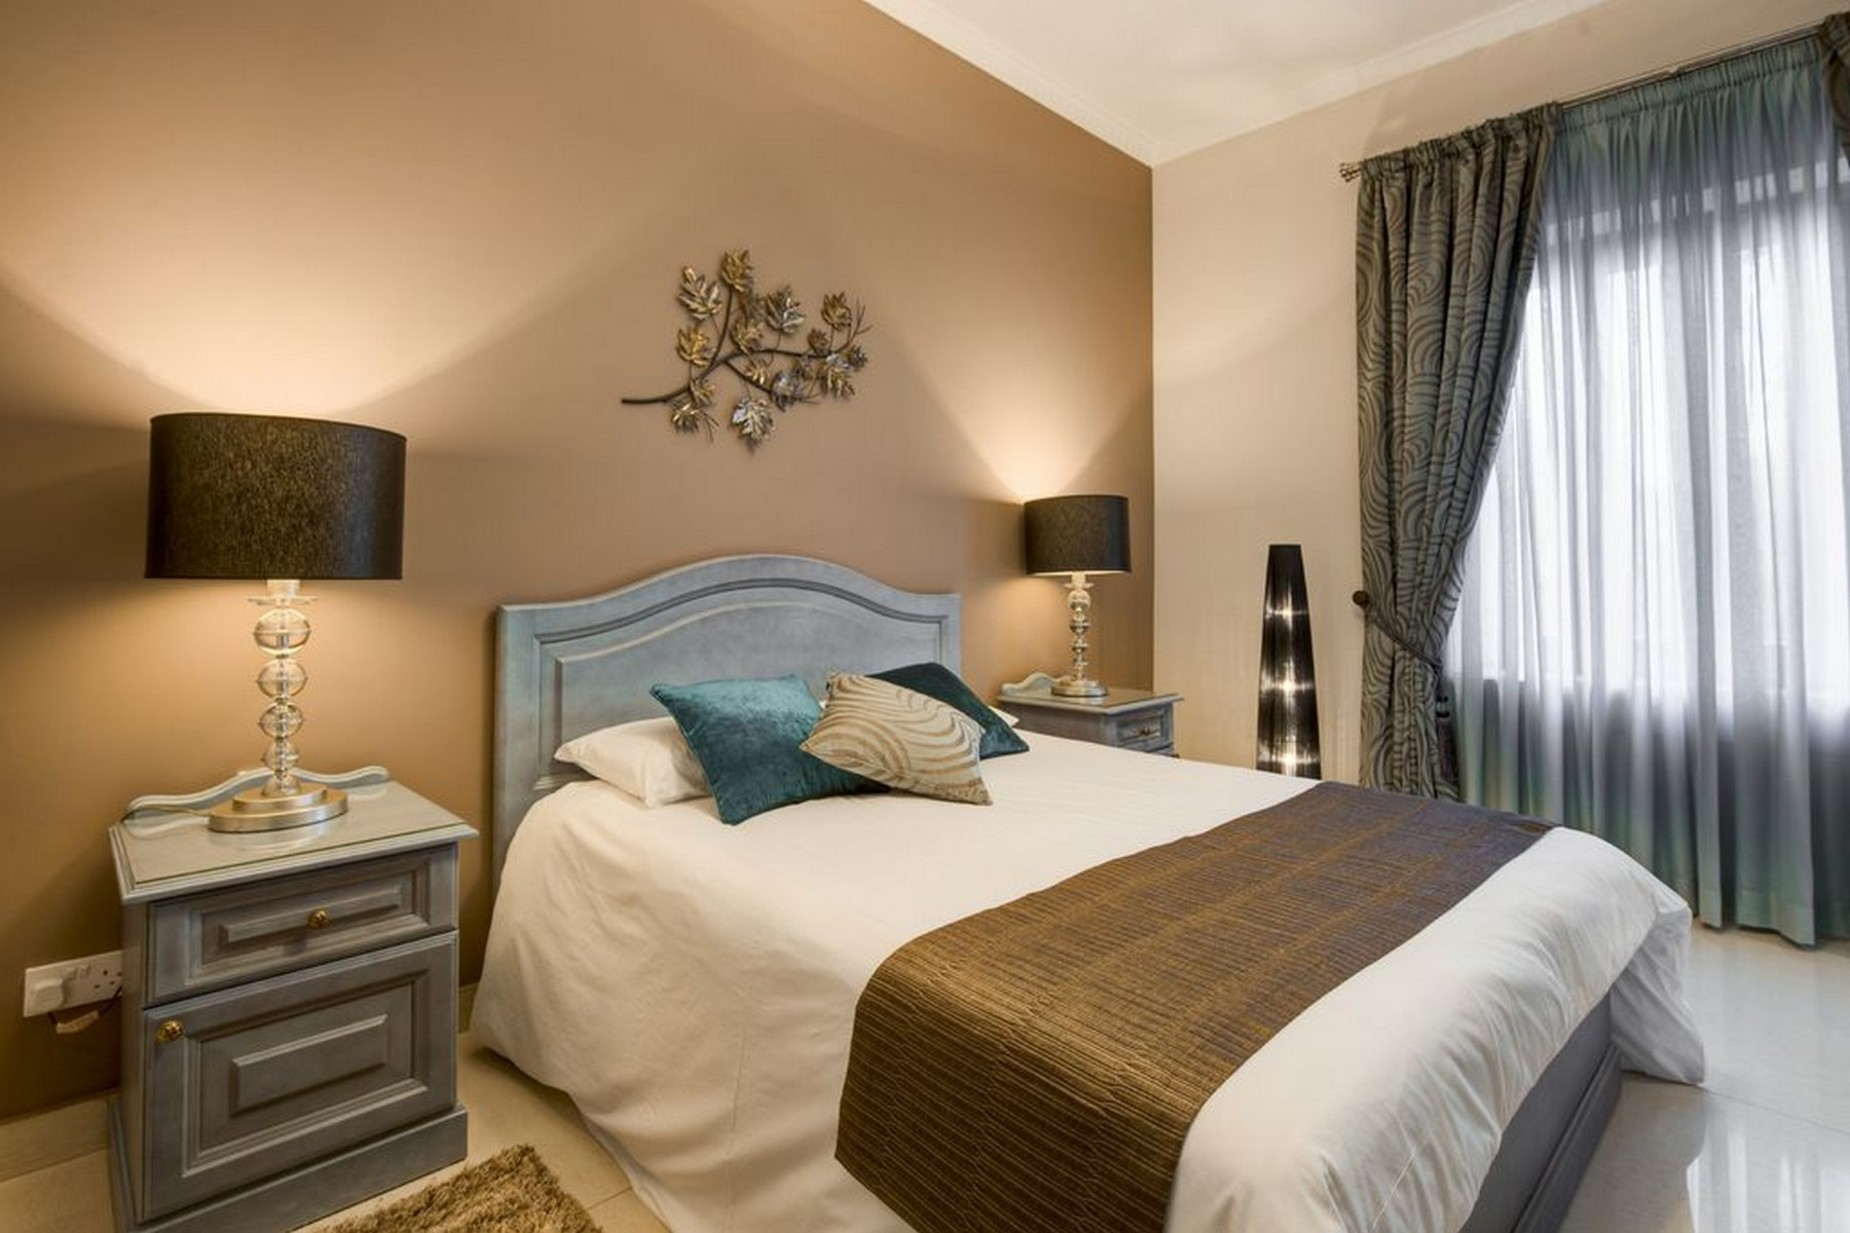 3 bed Villa For Rent in Zurrieq, Zurrieq - thumb 9